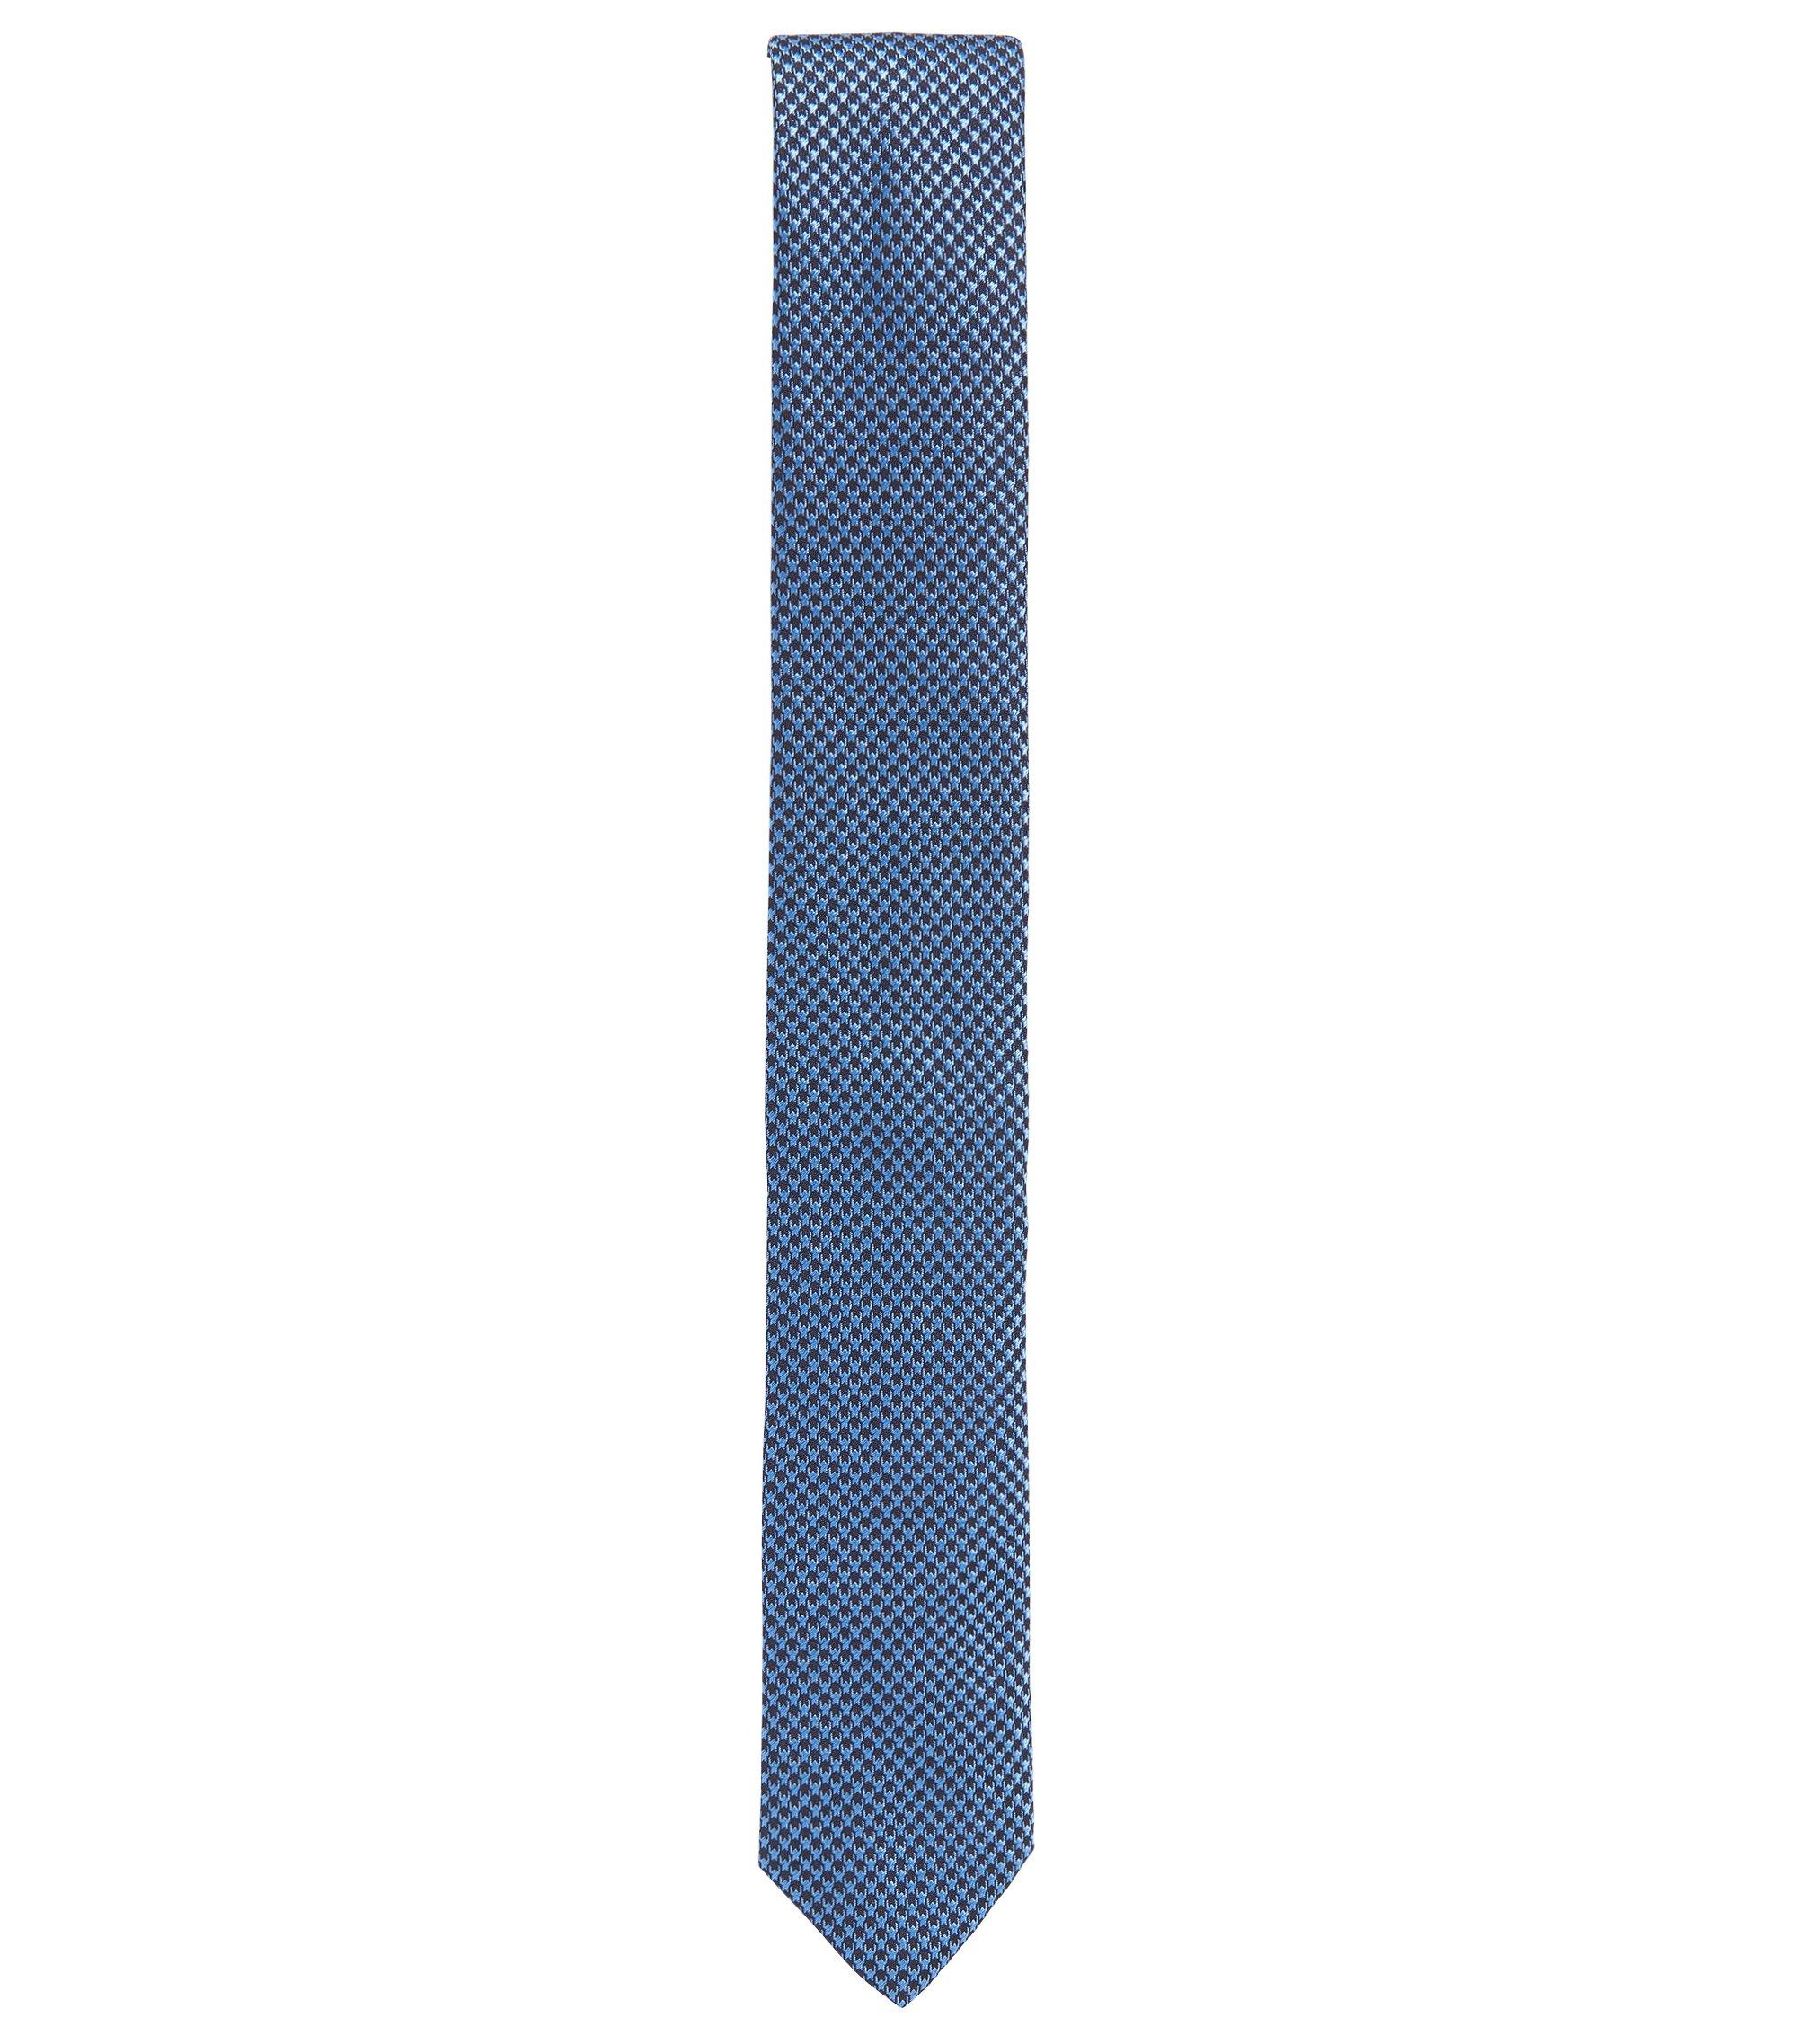 Gemusterte Krawatte aus reiner Seide, Dunkelblau